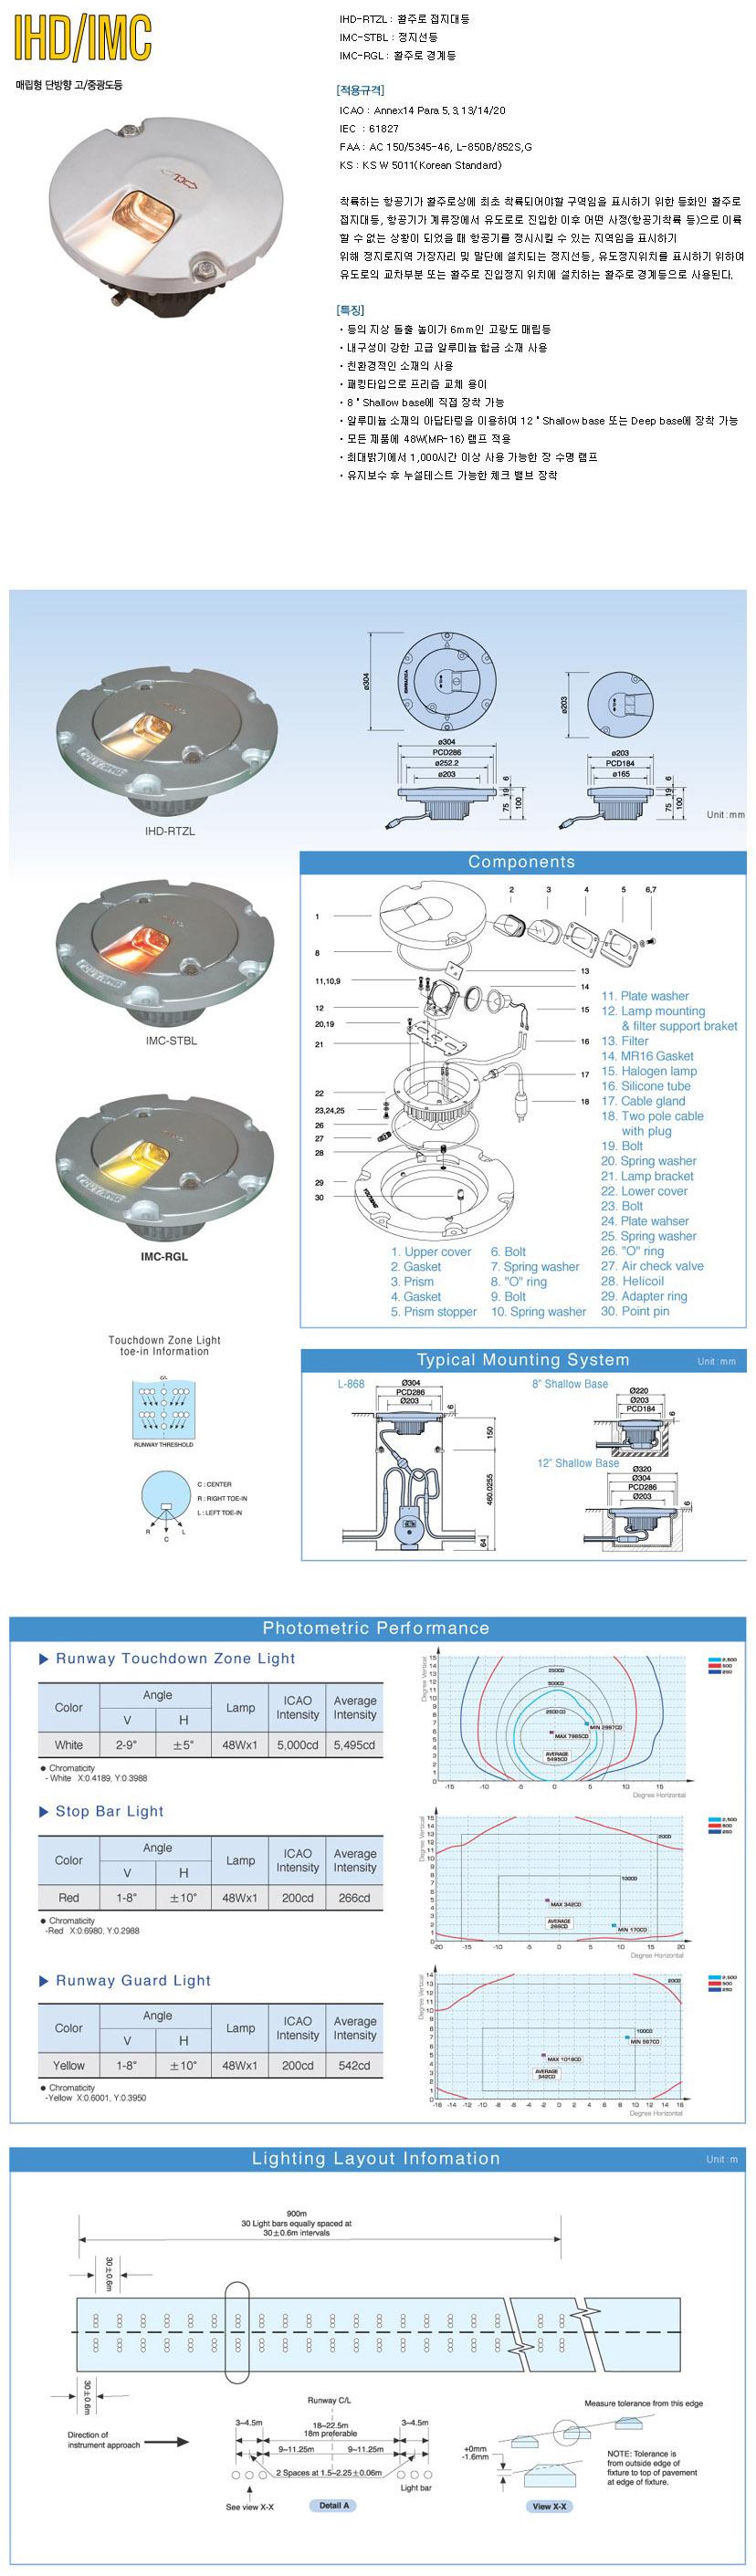 유양산전(주) 매립형 단방향 고/중광도등 IHD/IMC 1